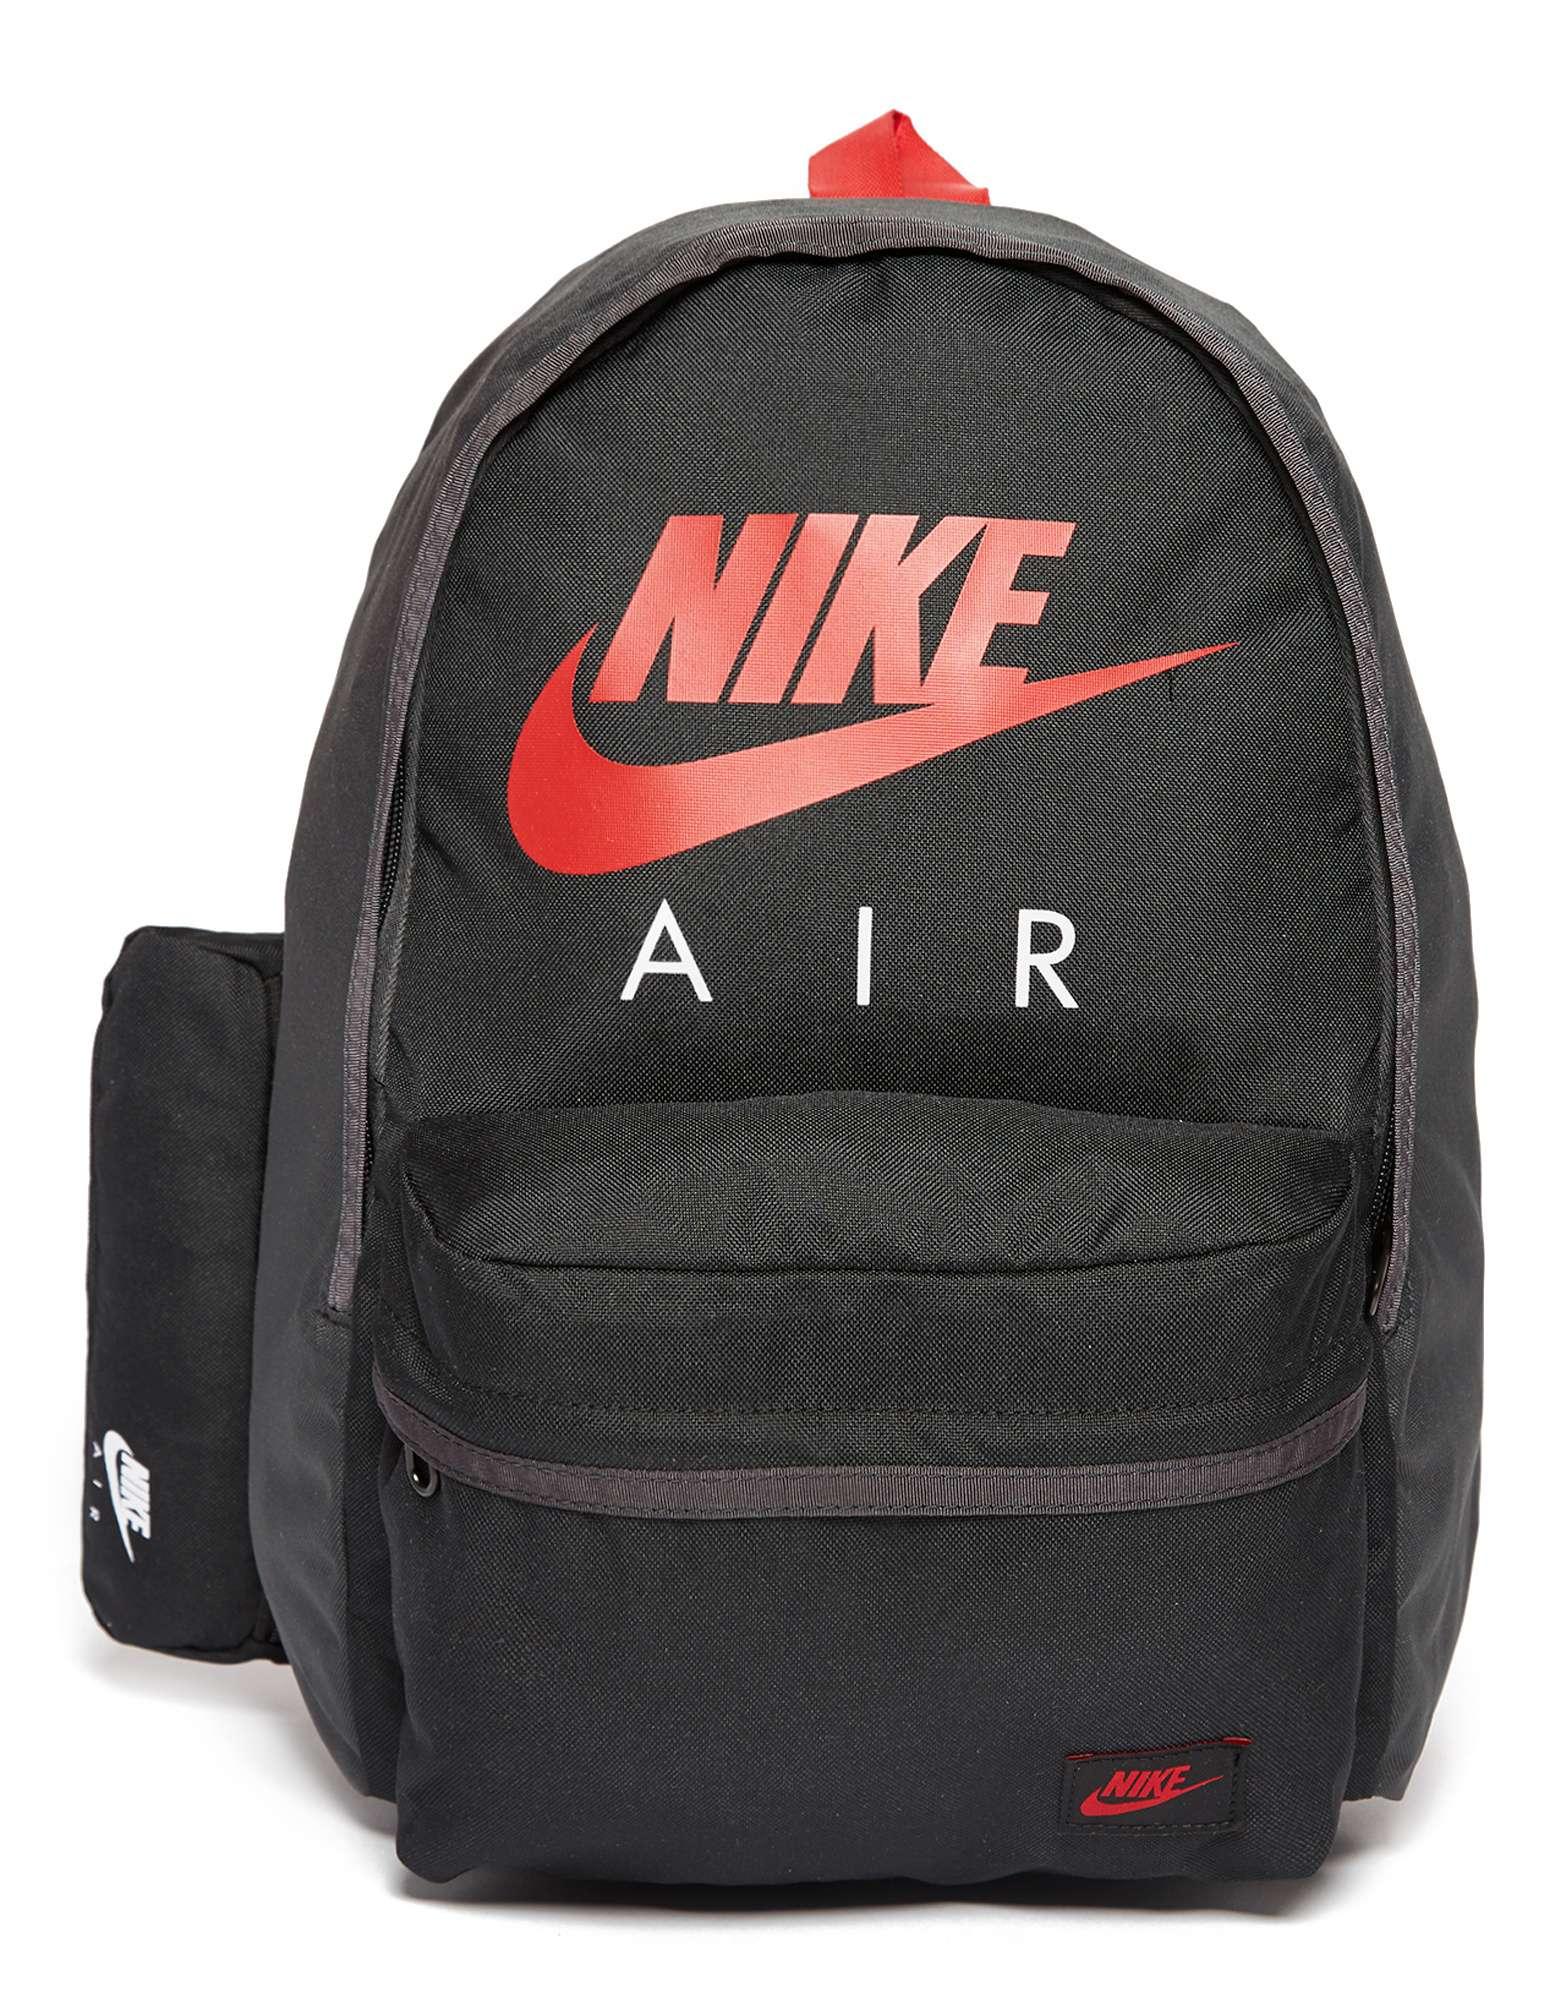 Nike Air Backpack